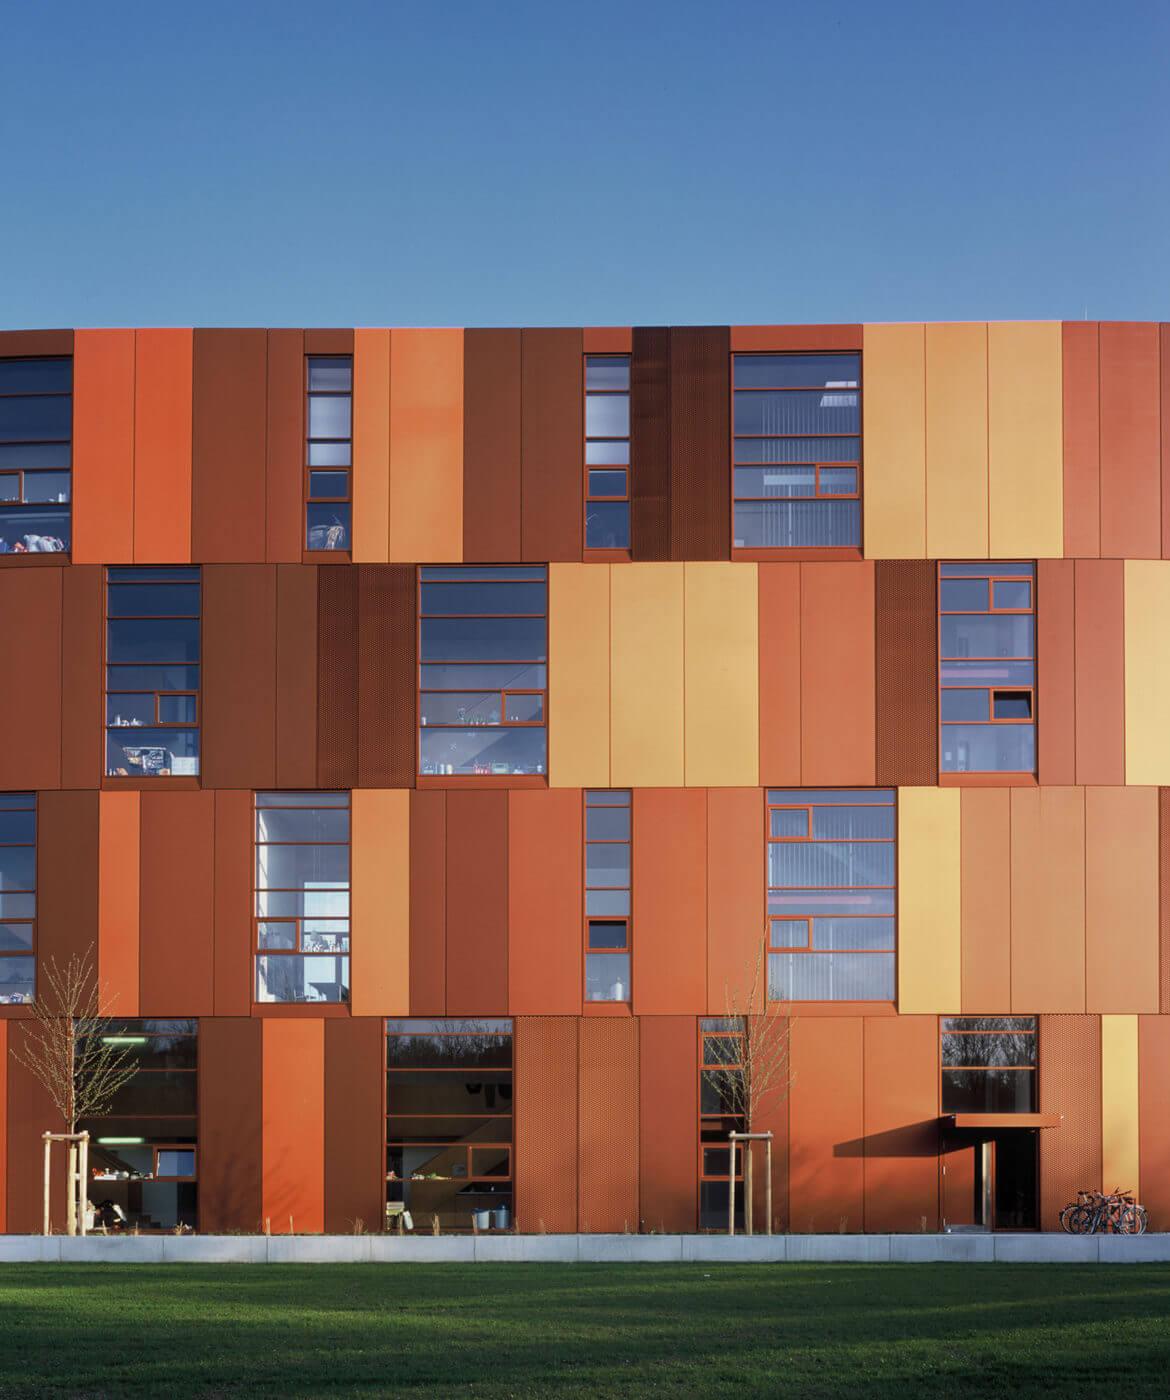 Studentenwerk Wohnen Wohnheime In Saarbr: Spengler Wiescholek